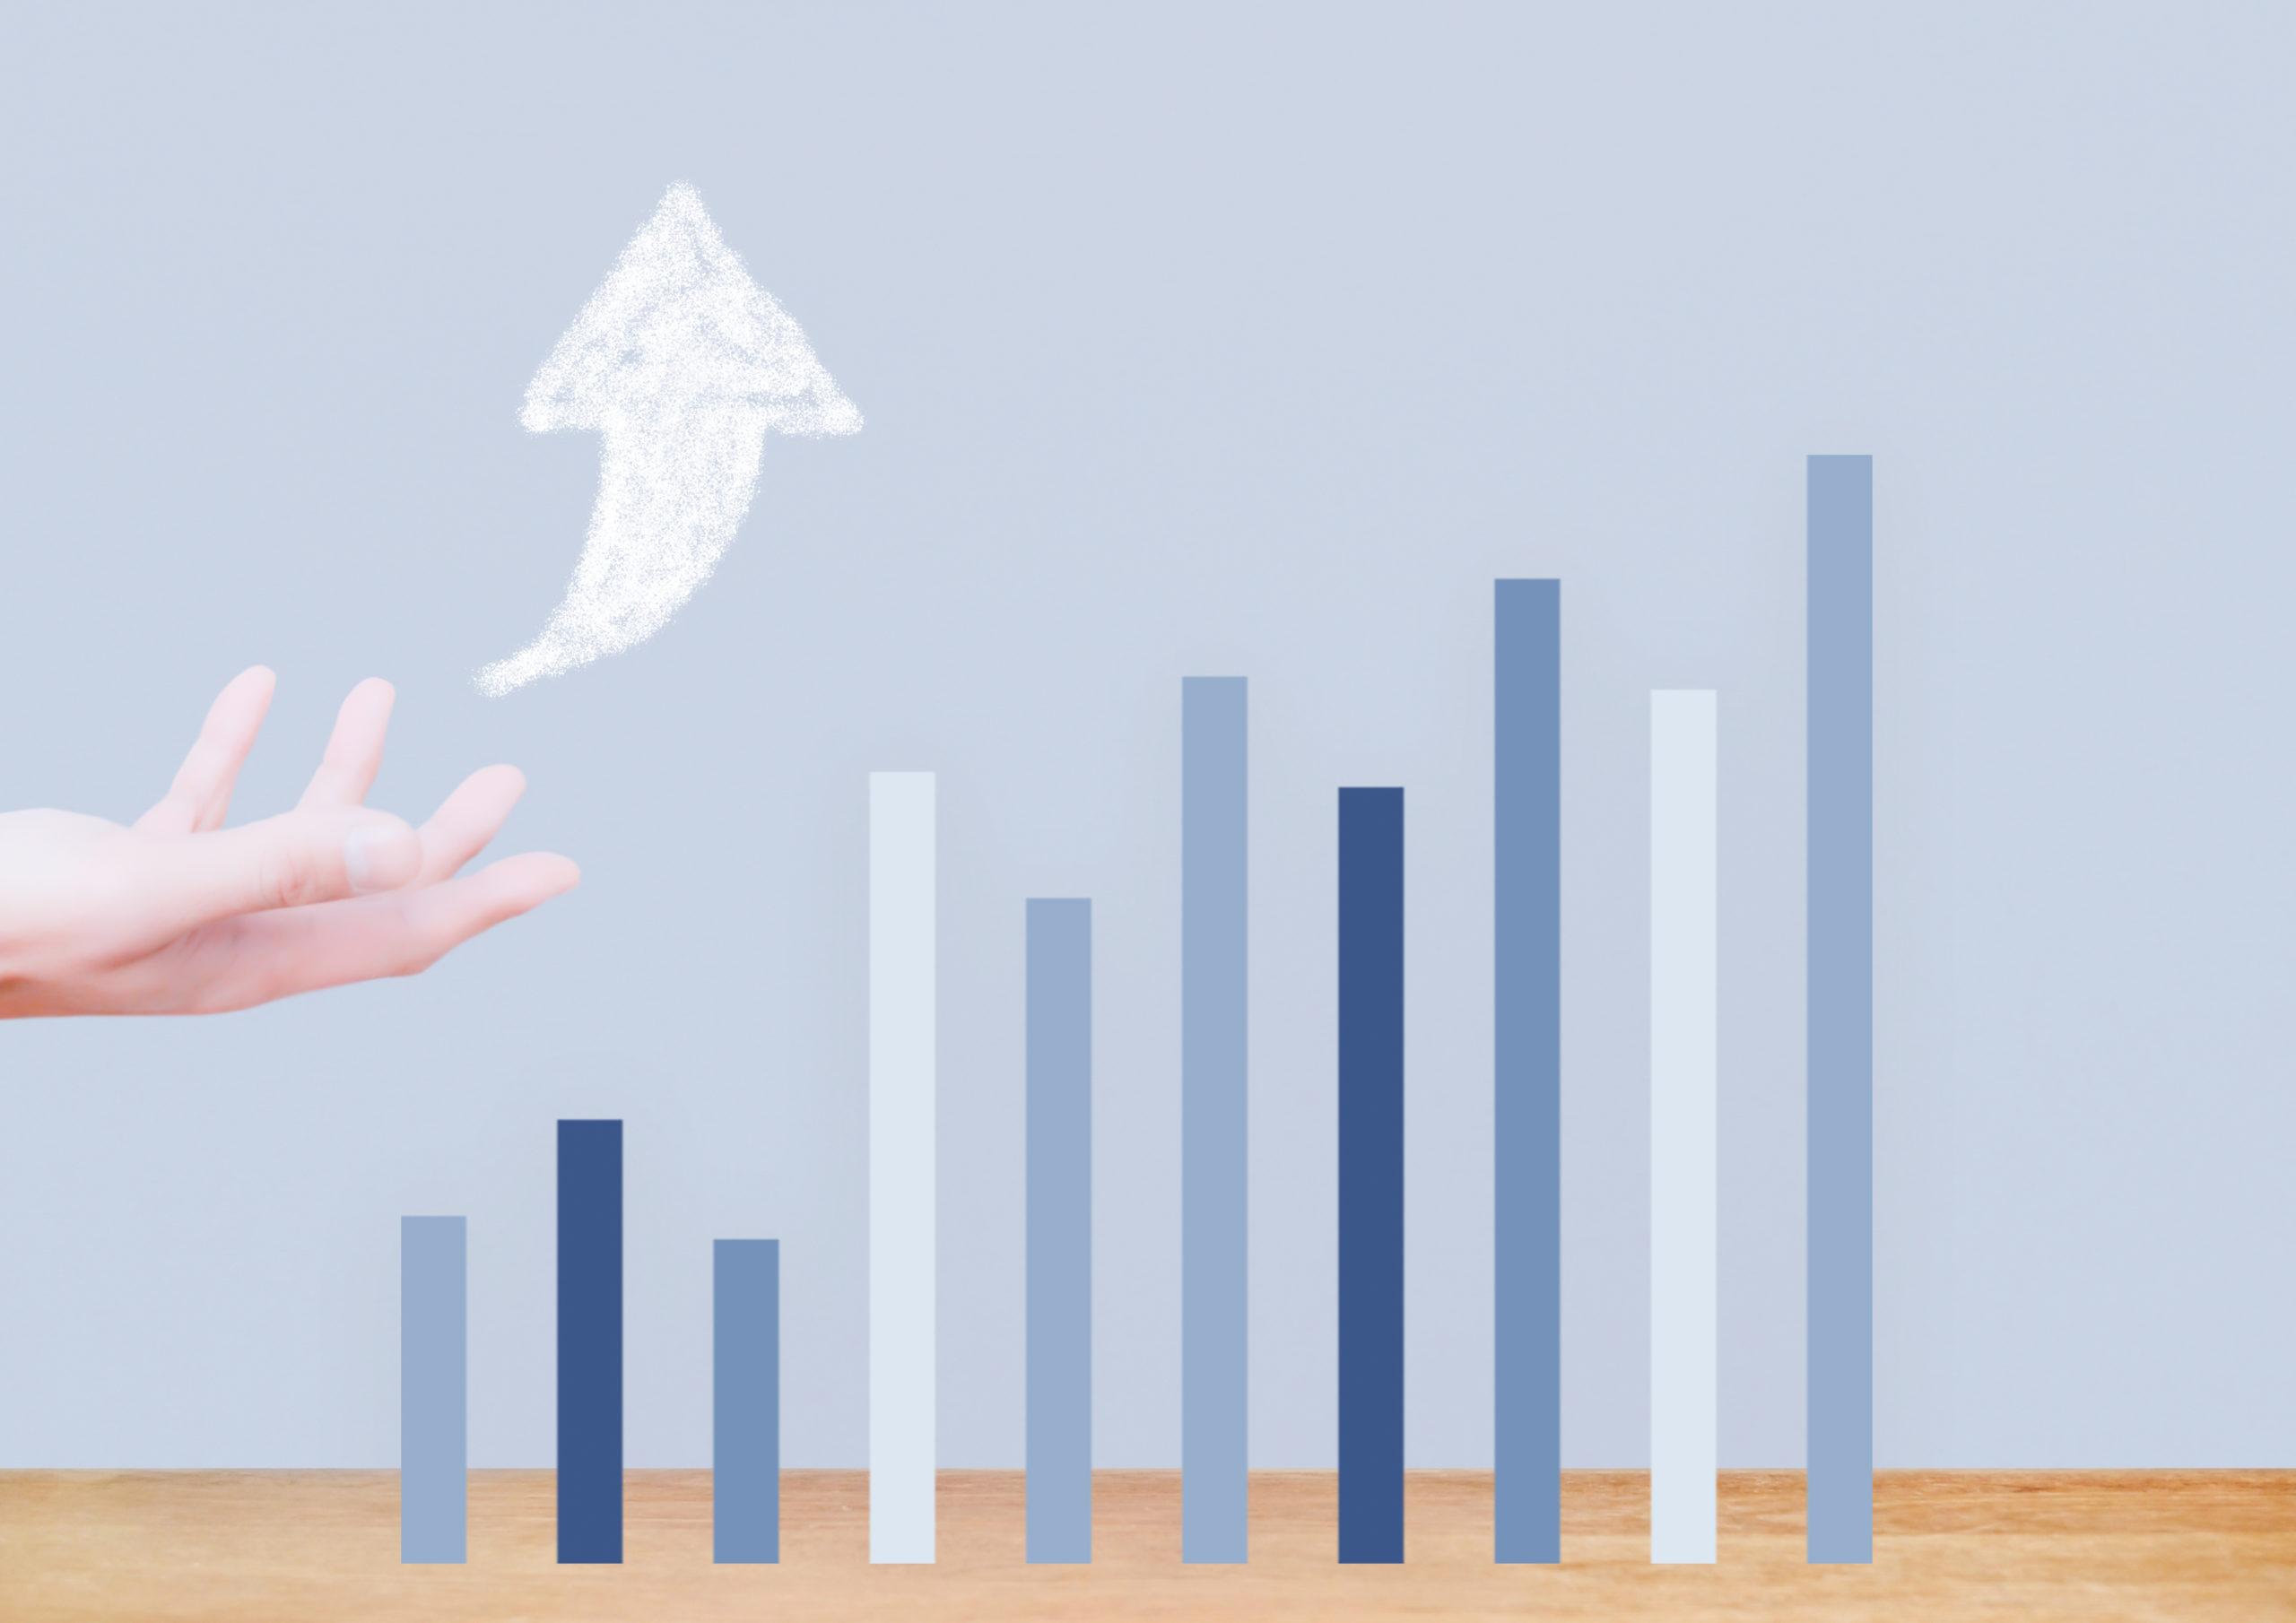 スワップポイント投資における実質投資効率とは?